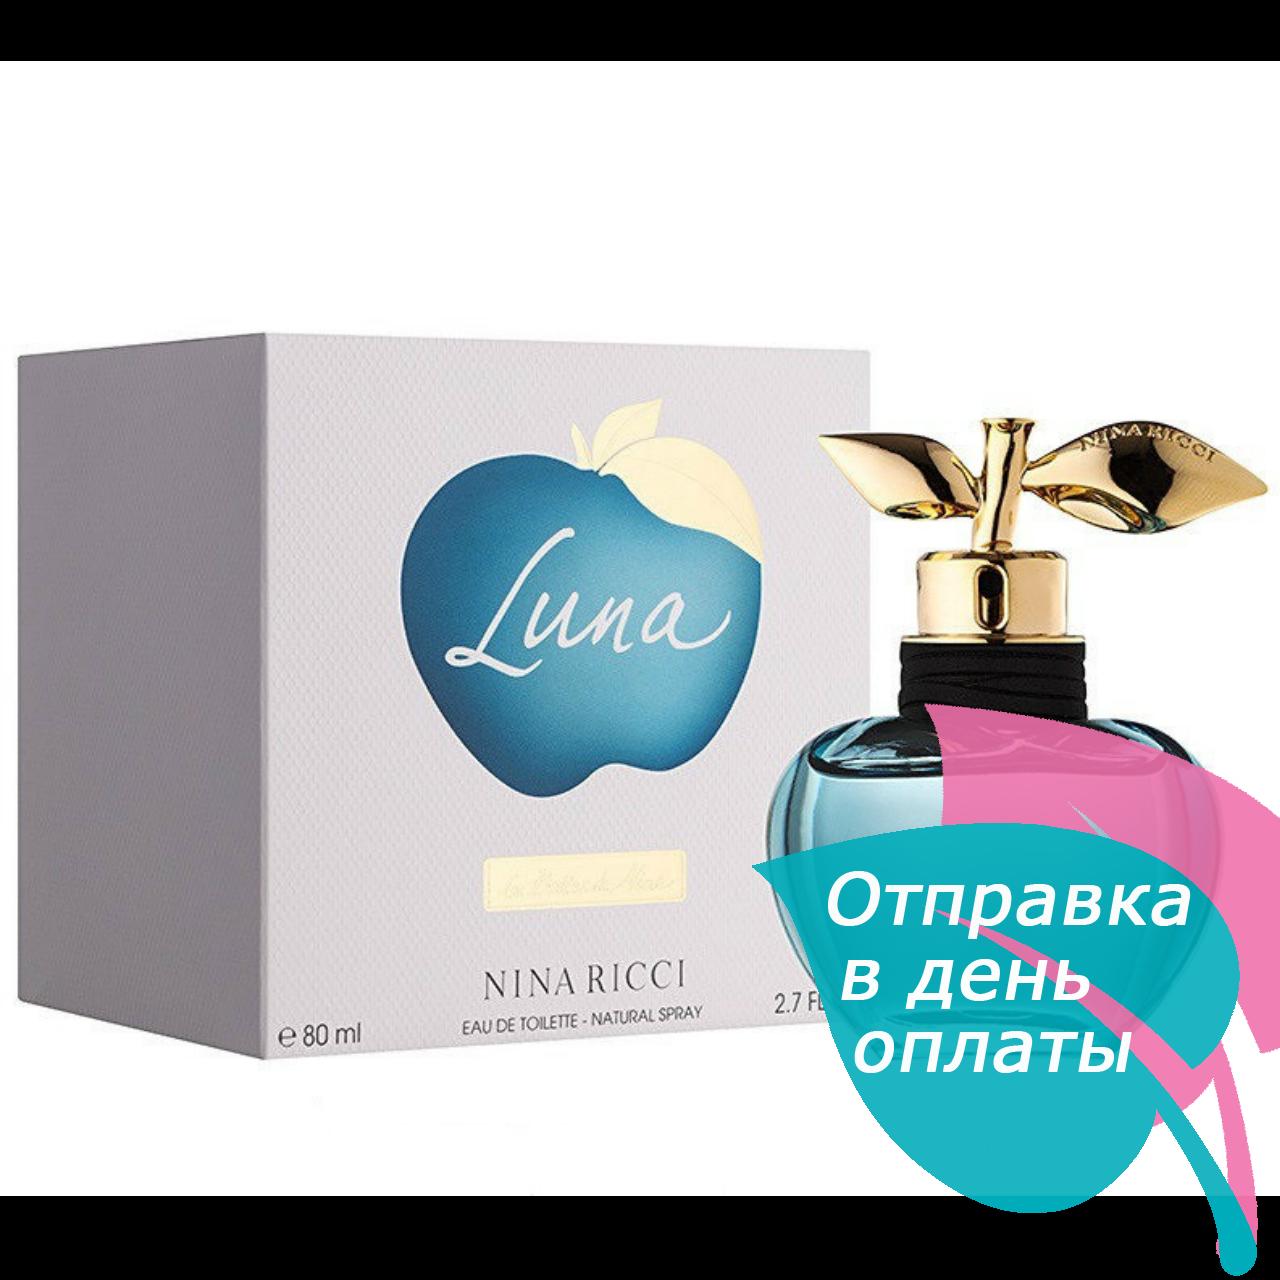 Женская туалетная вода Nina Ricci Luna, 80 мл